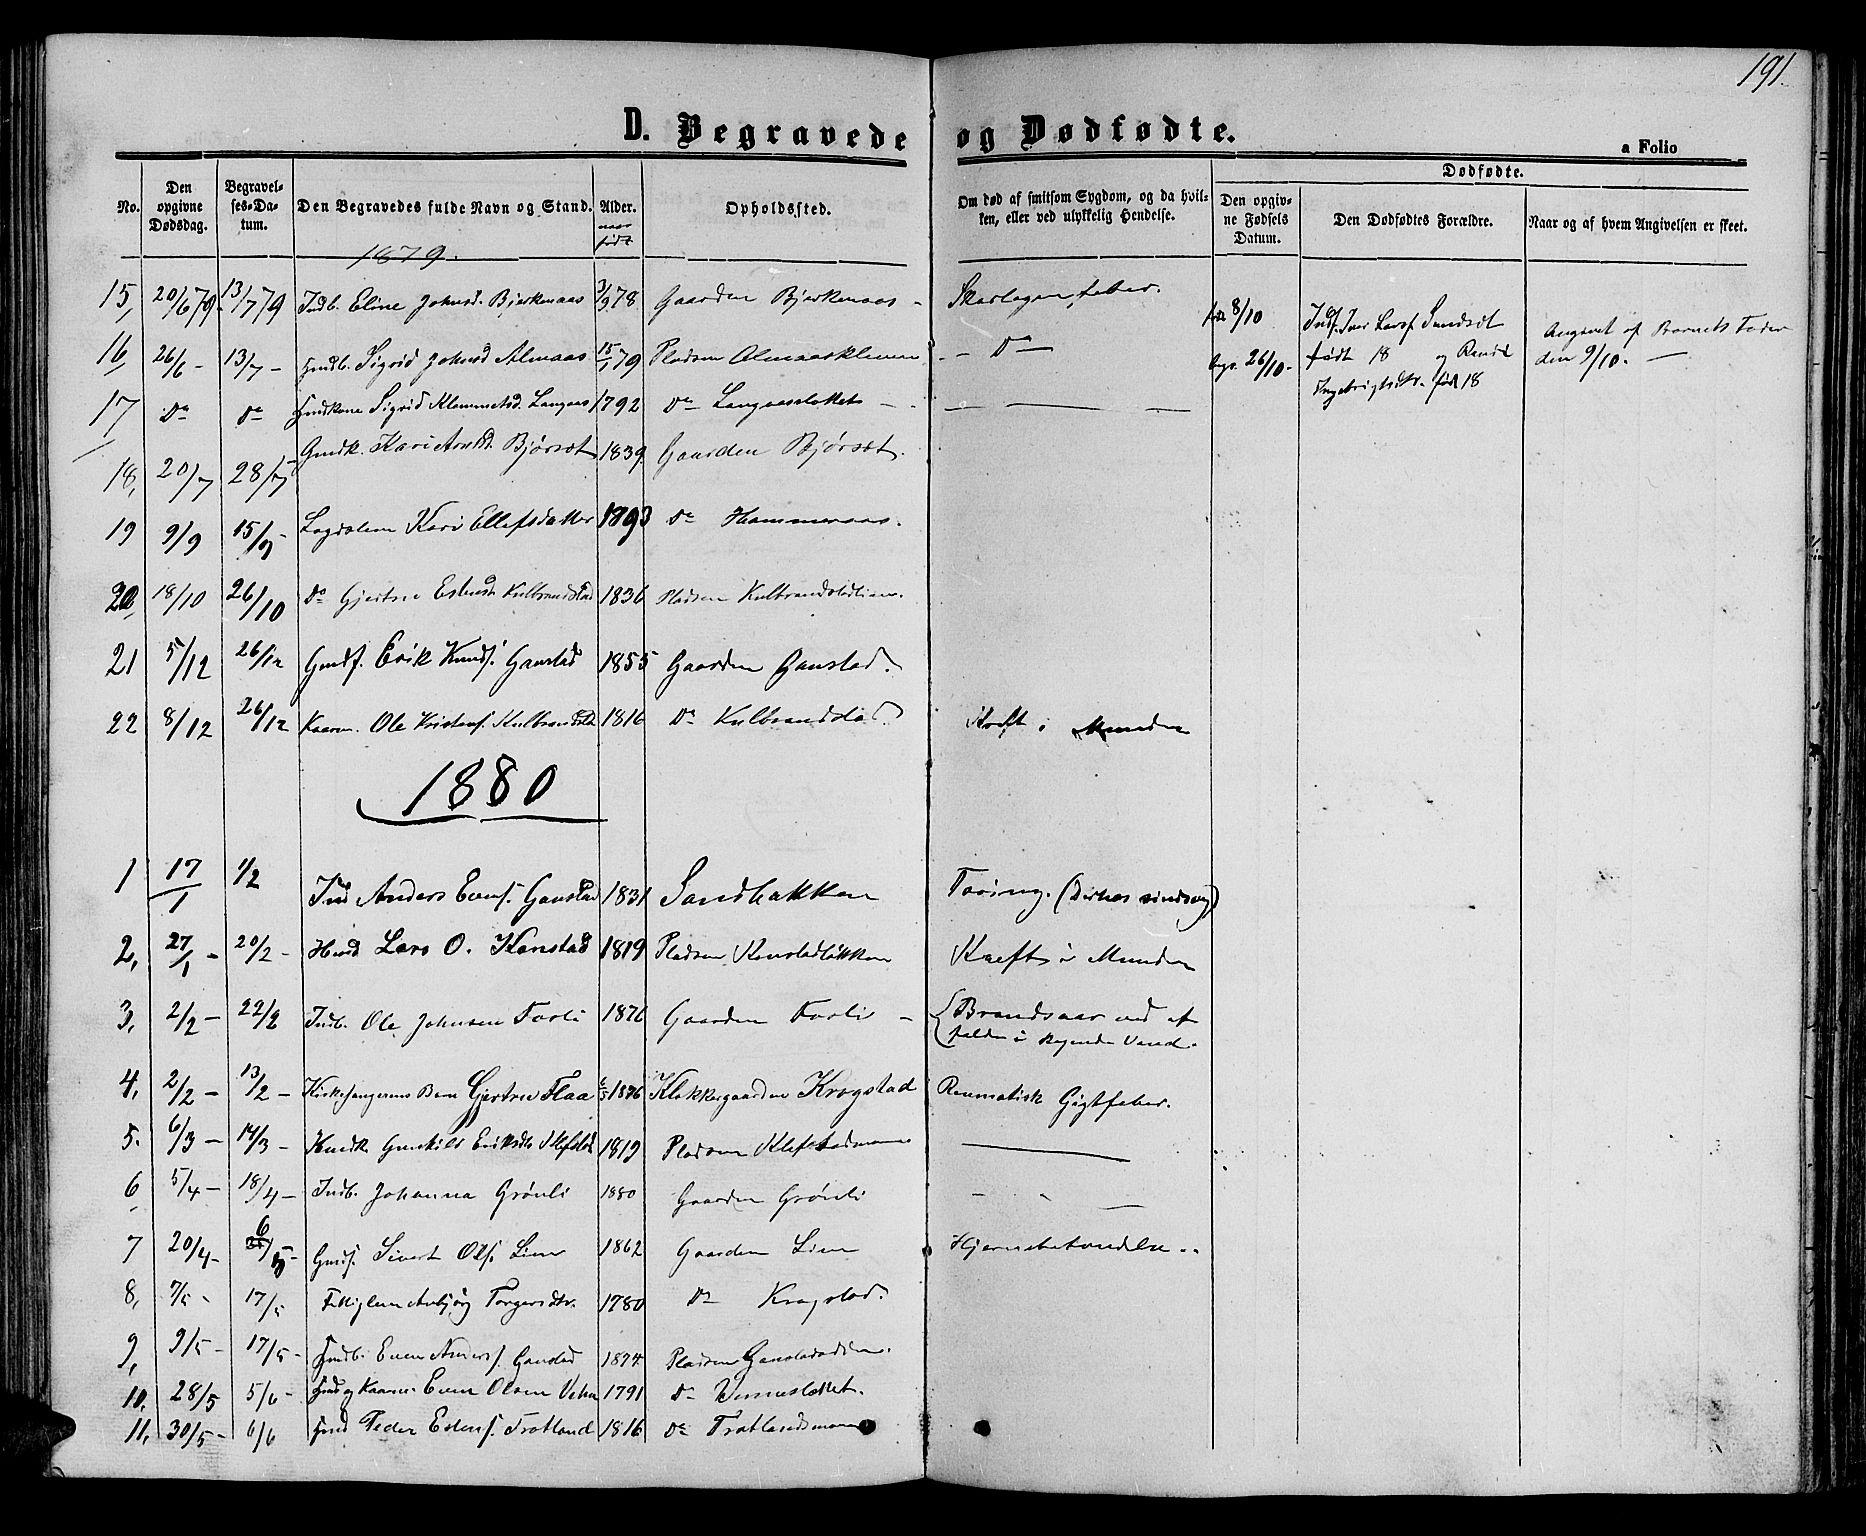 SAT, Ministerialprotokoller, klokkerbøker og fødselsregistre - Sør-Trøndelag, 694/L1131: Klokkerbok nr. 694C03, 1858-1886, s. 191